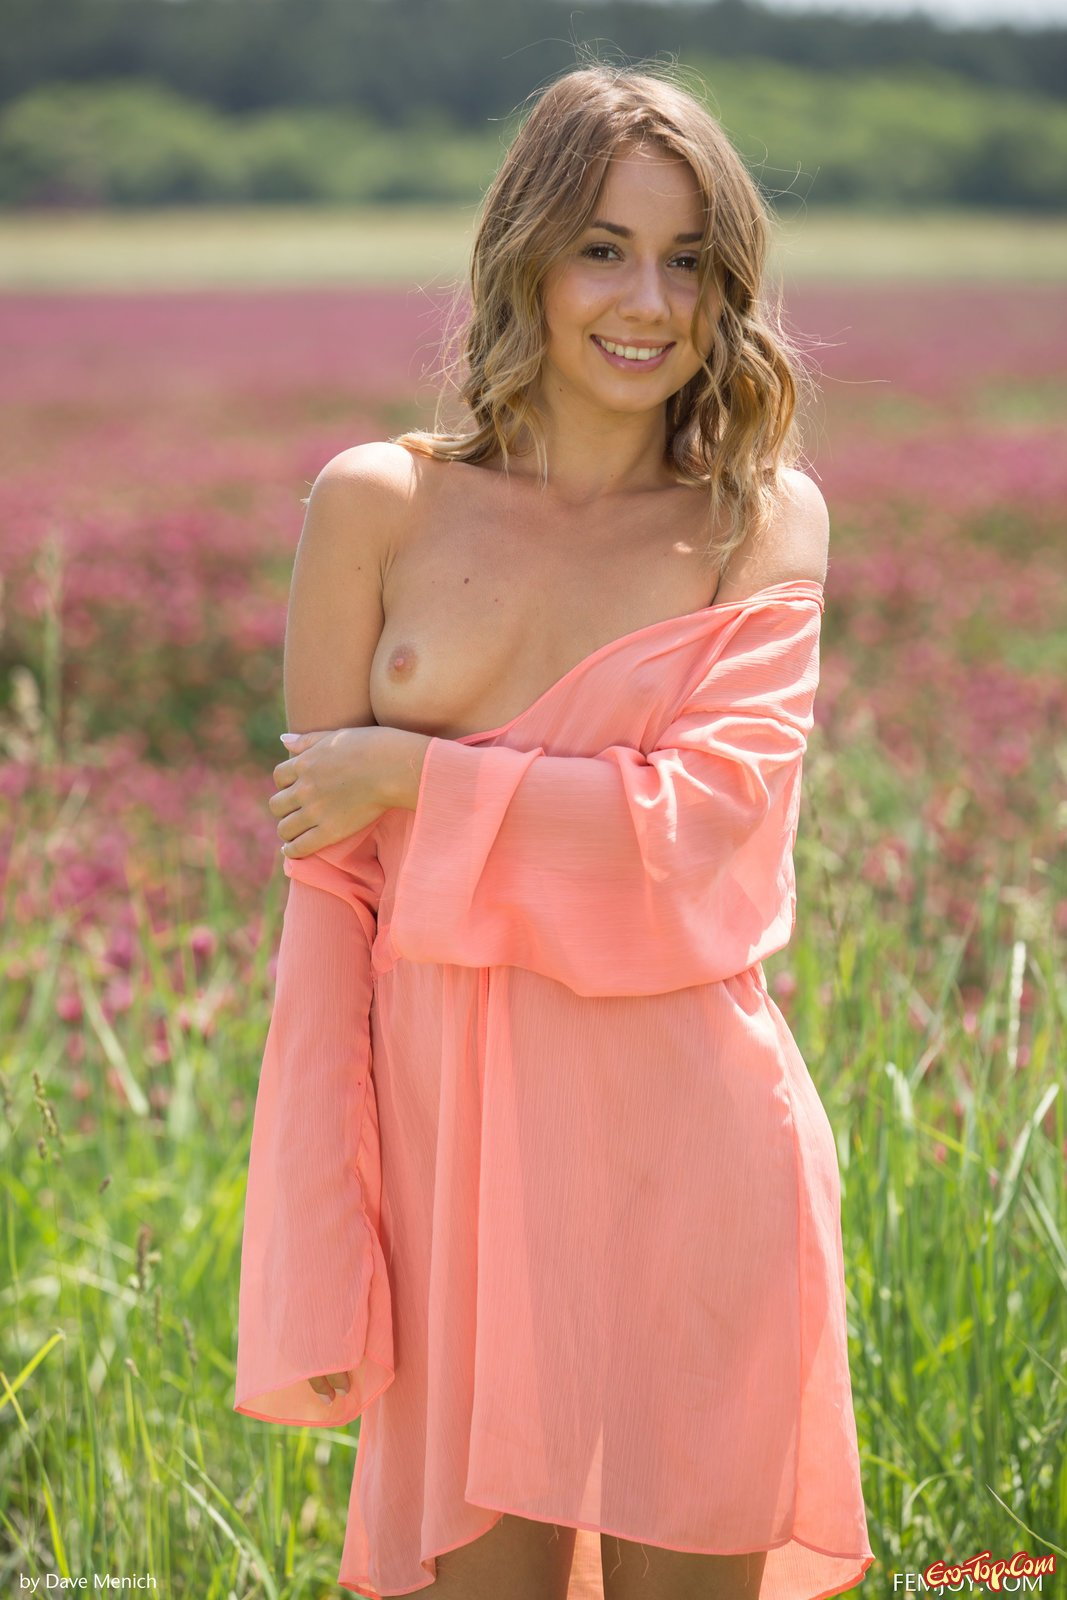 Блондиночка стянула платье и позирует в поле секс фото